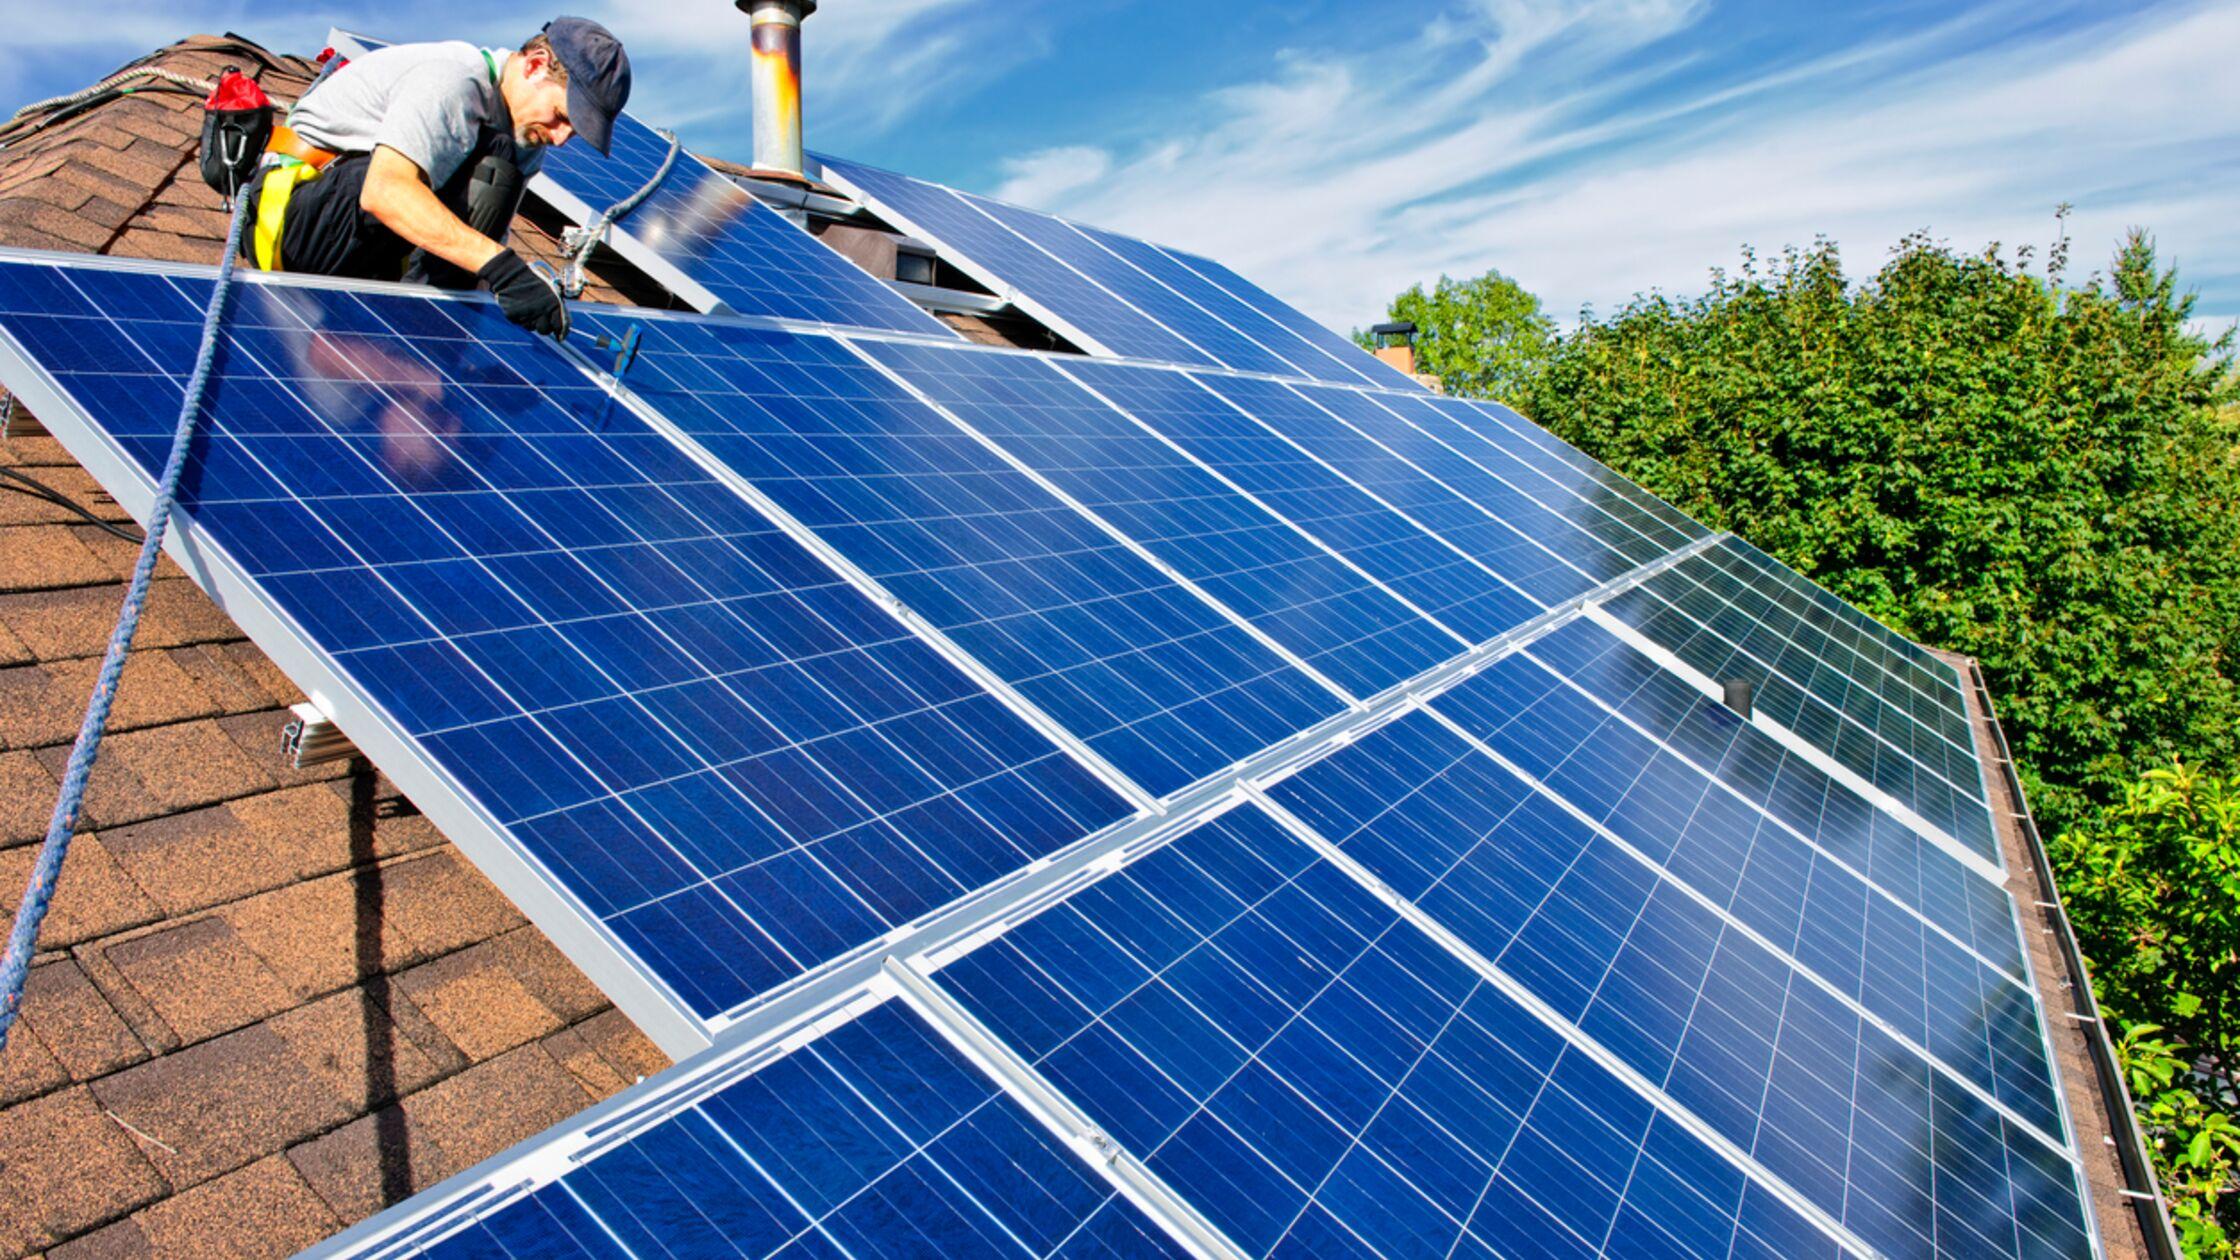 Photovoltaik-Förderung: So wird die Solaranlage für Sie günstiger